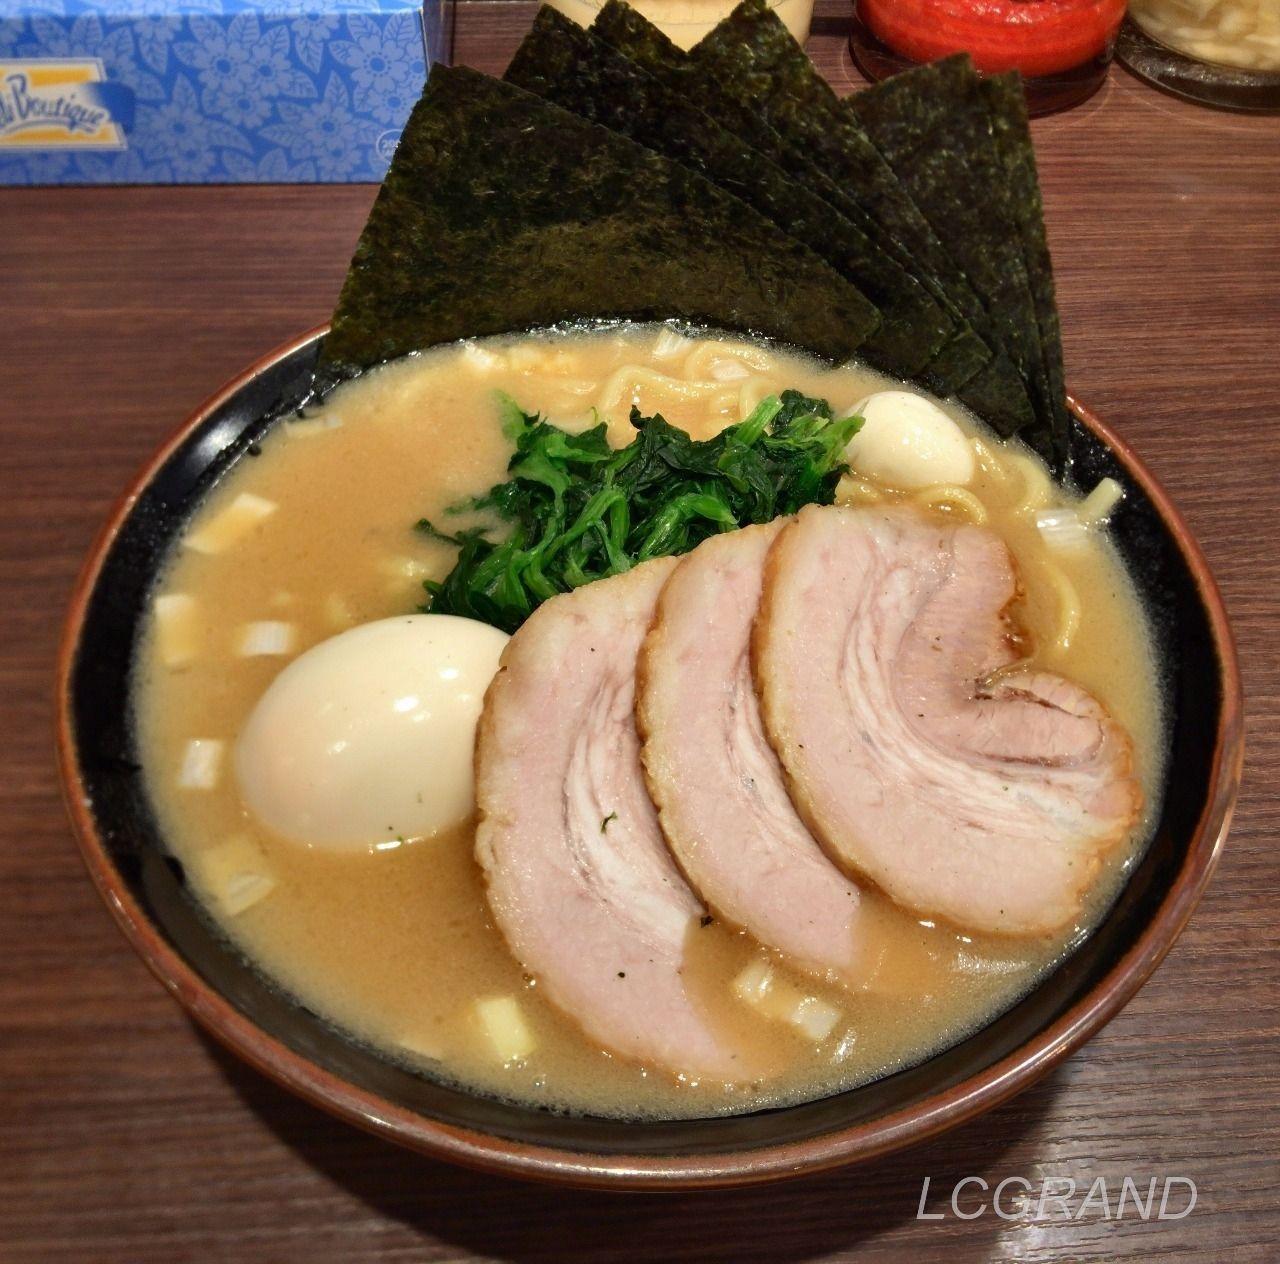 百屋のラーメン「用賀スペシャル」 チャーシューが3枚と味玉、海苔が6枚乗っています。うずらの卵も一個乗っています。